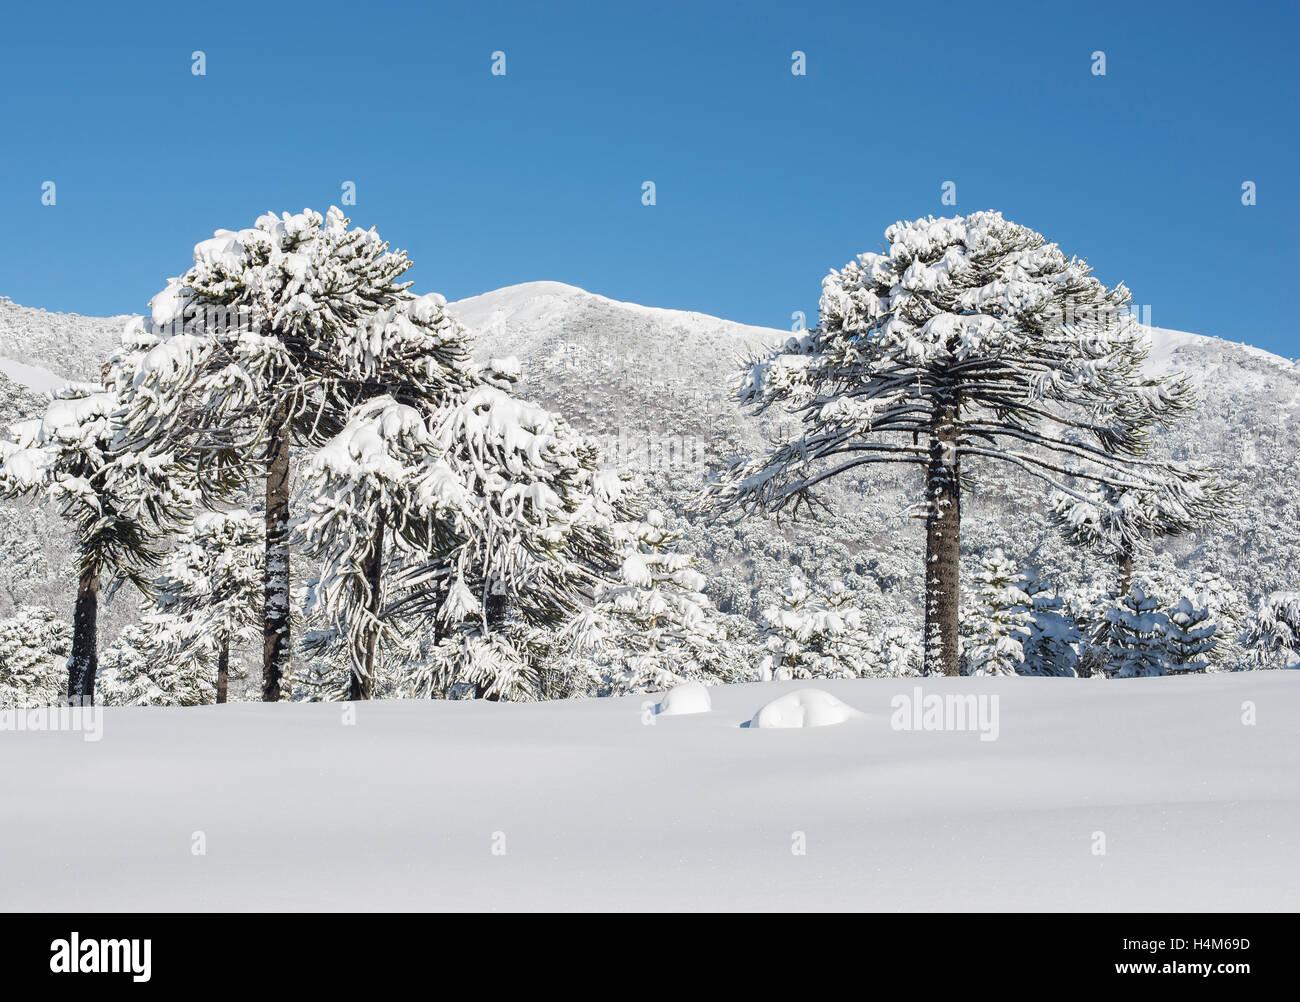 Invierno En Patagonia: Invierno Stock Photos & Invierno Stock Images